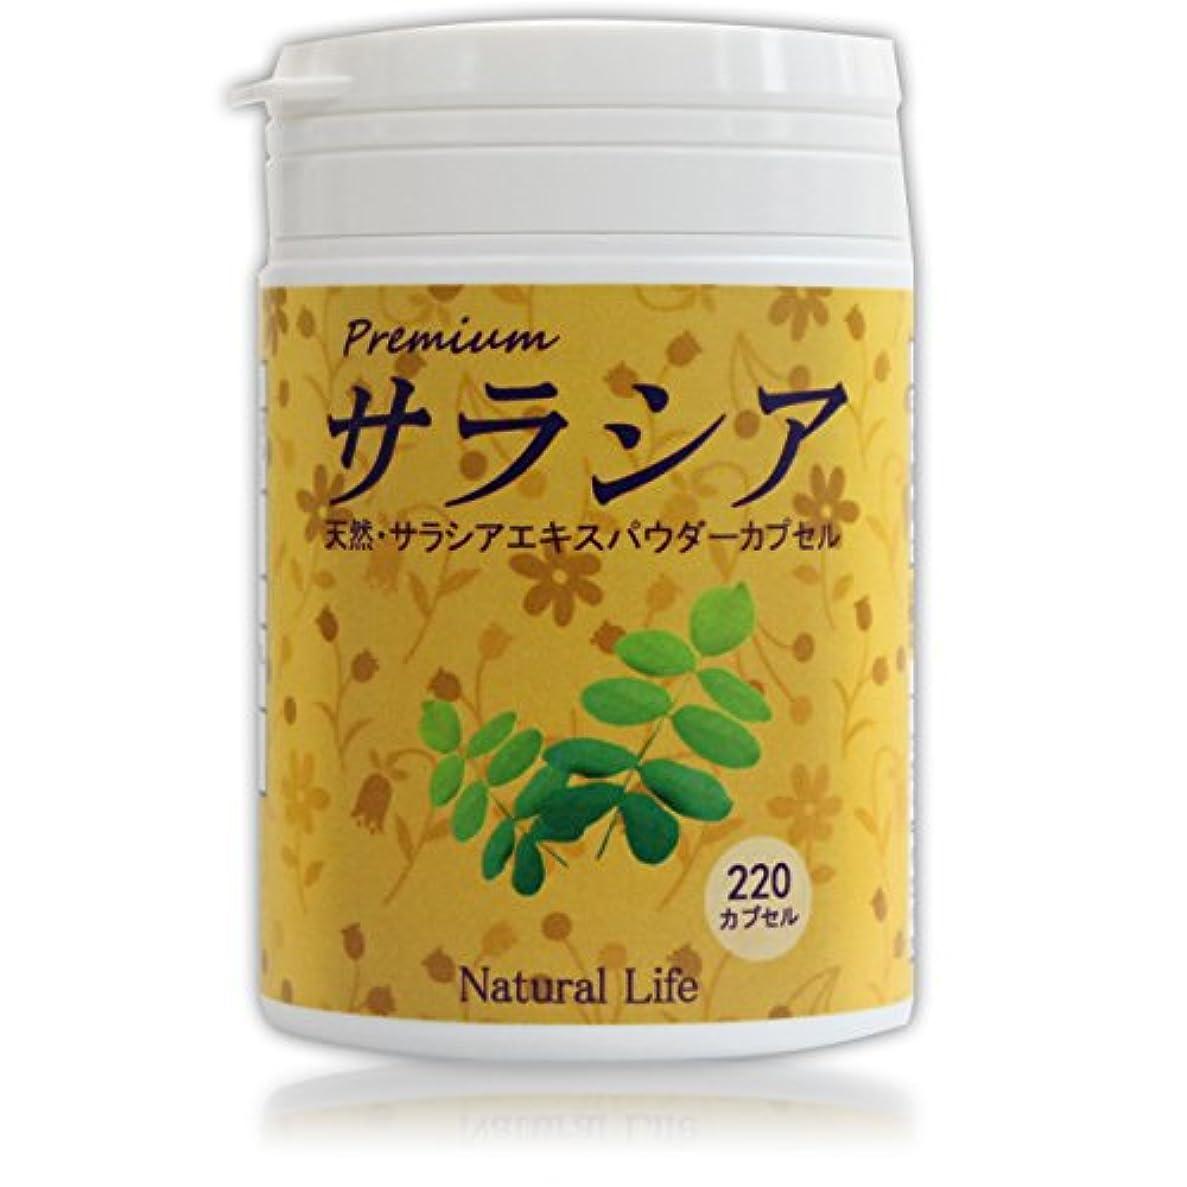 ベックスひらめき直径サラシアカプセル[220粒]天然ピュア原料(無添加) 健康食品(サラシア,さらしあ)